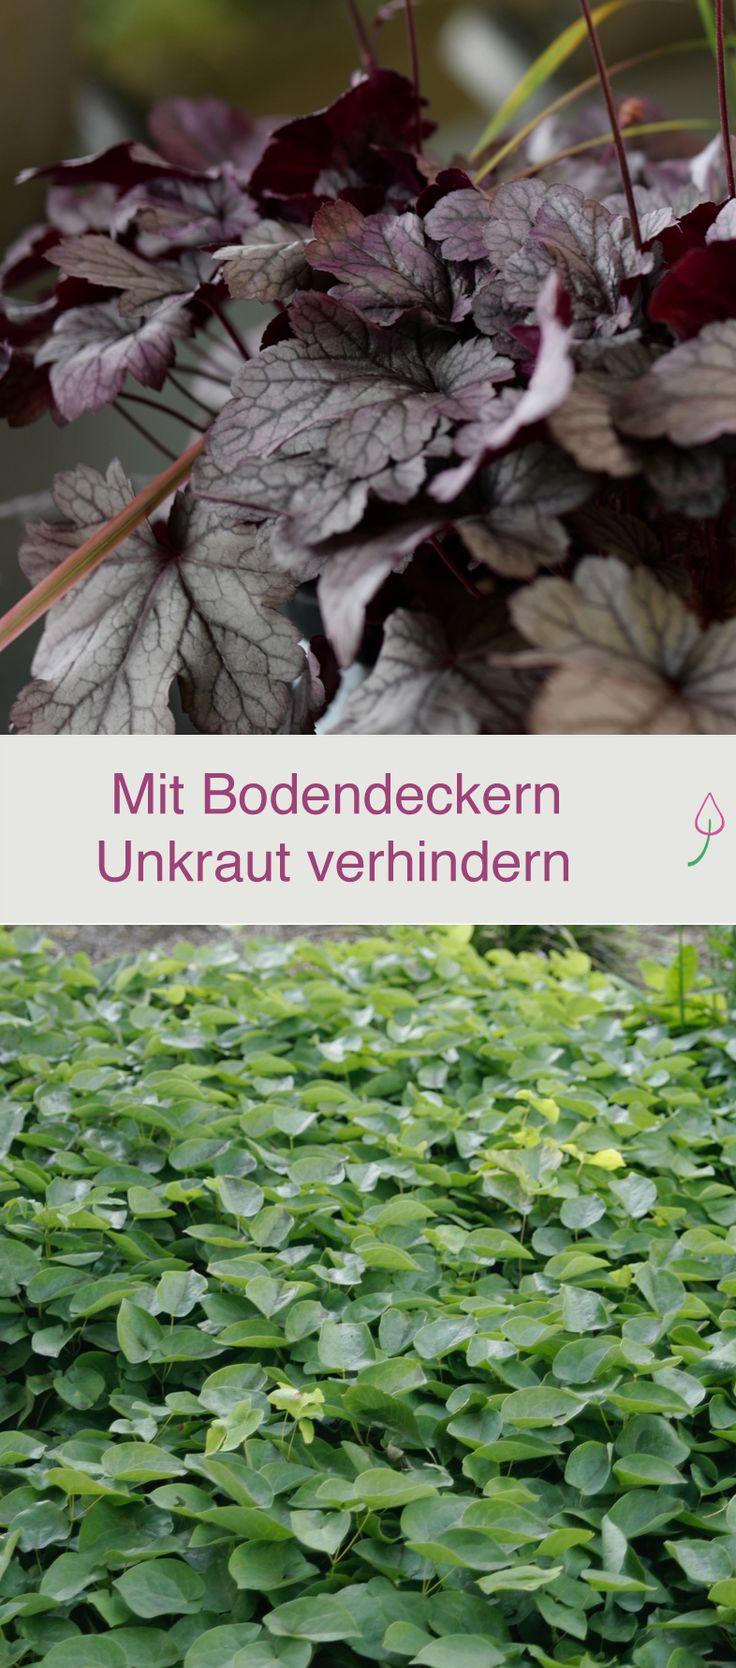 Bodendecker pflanzen statt Unkraut jäten. #Garten #garden #Pflanzen